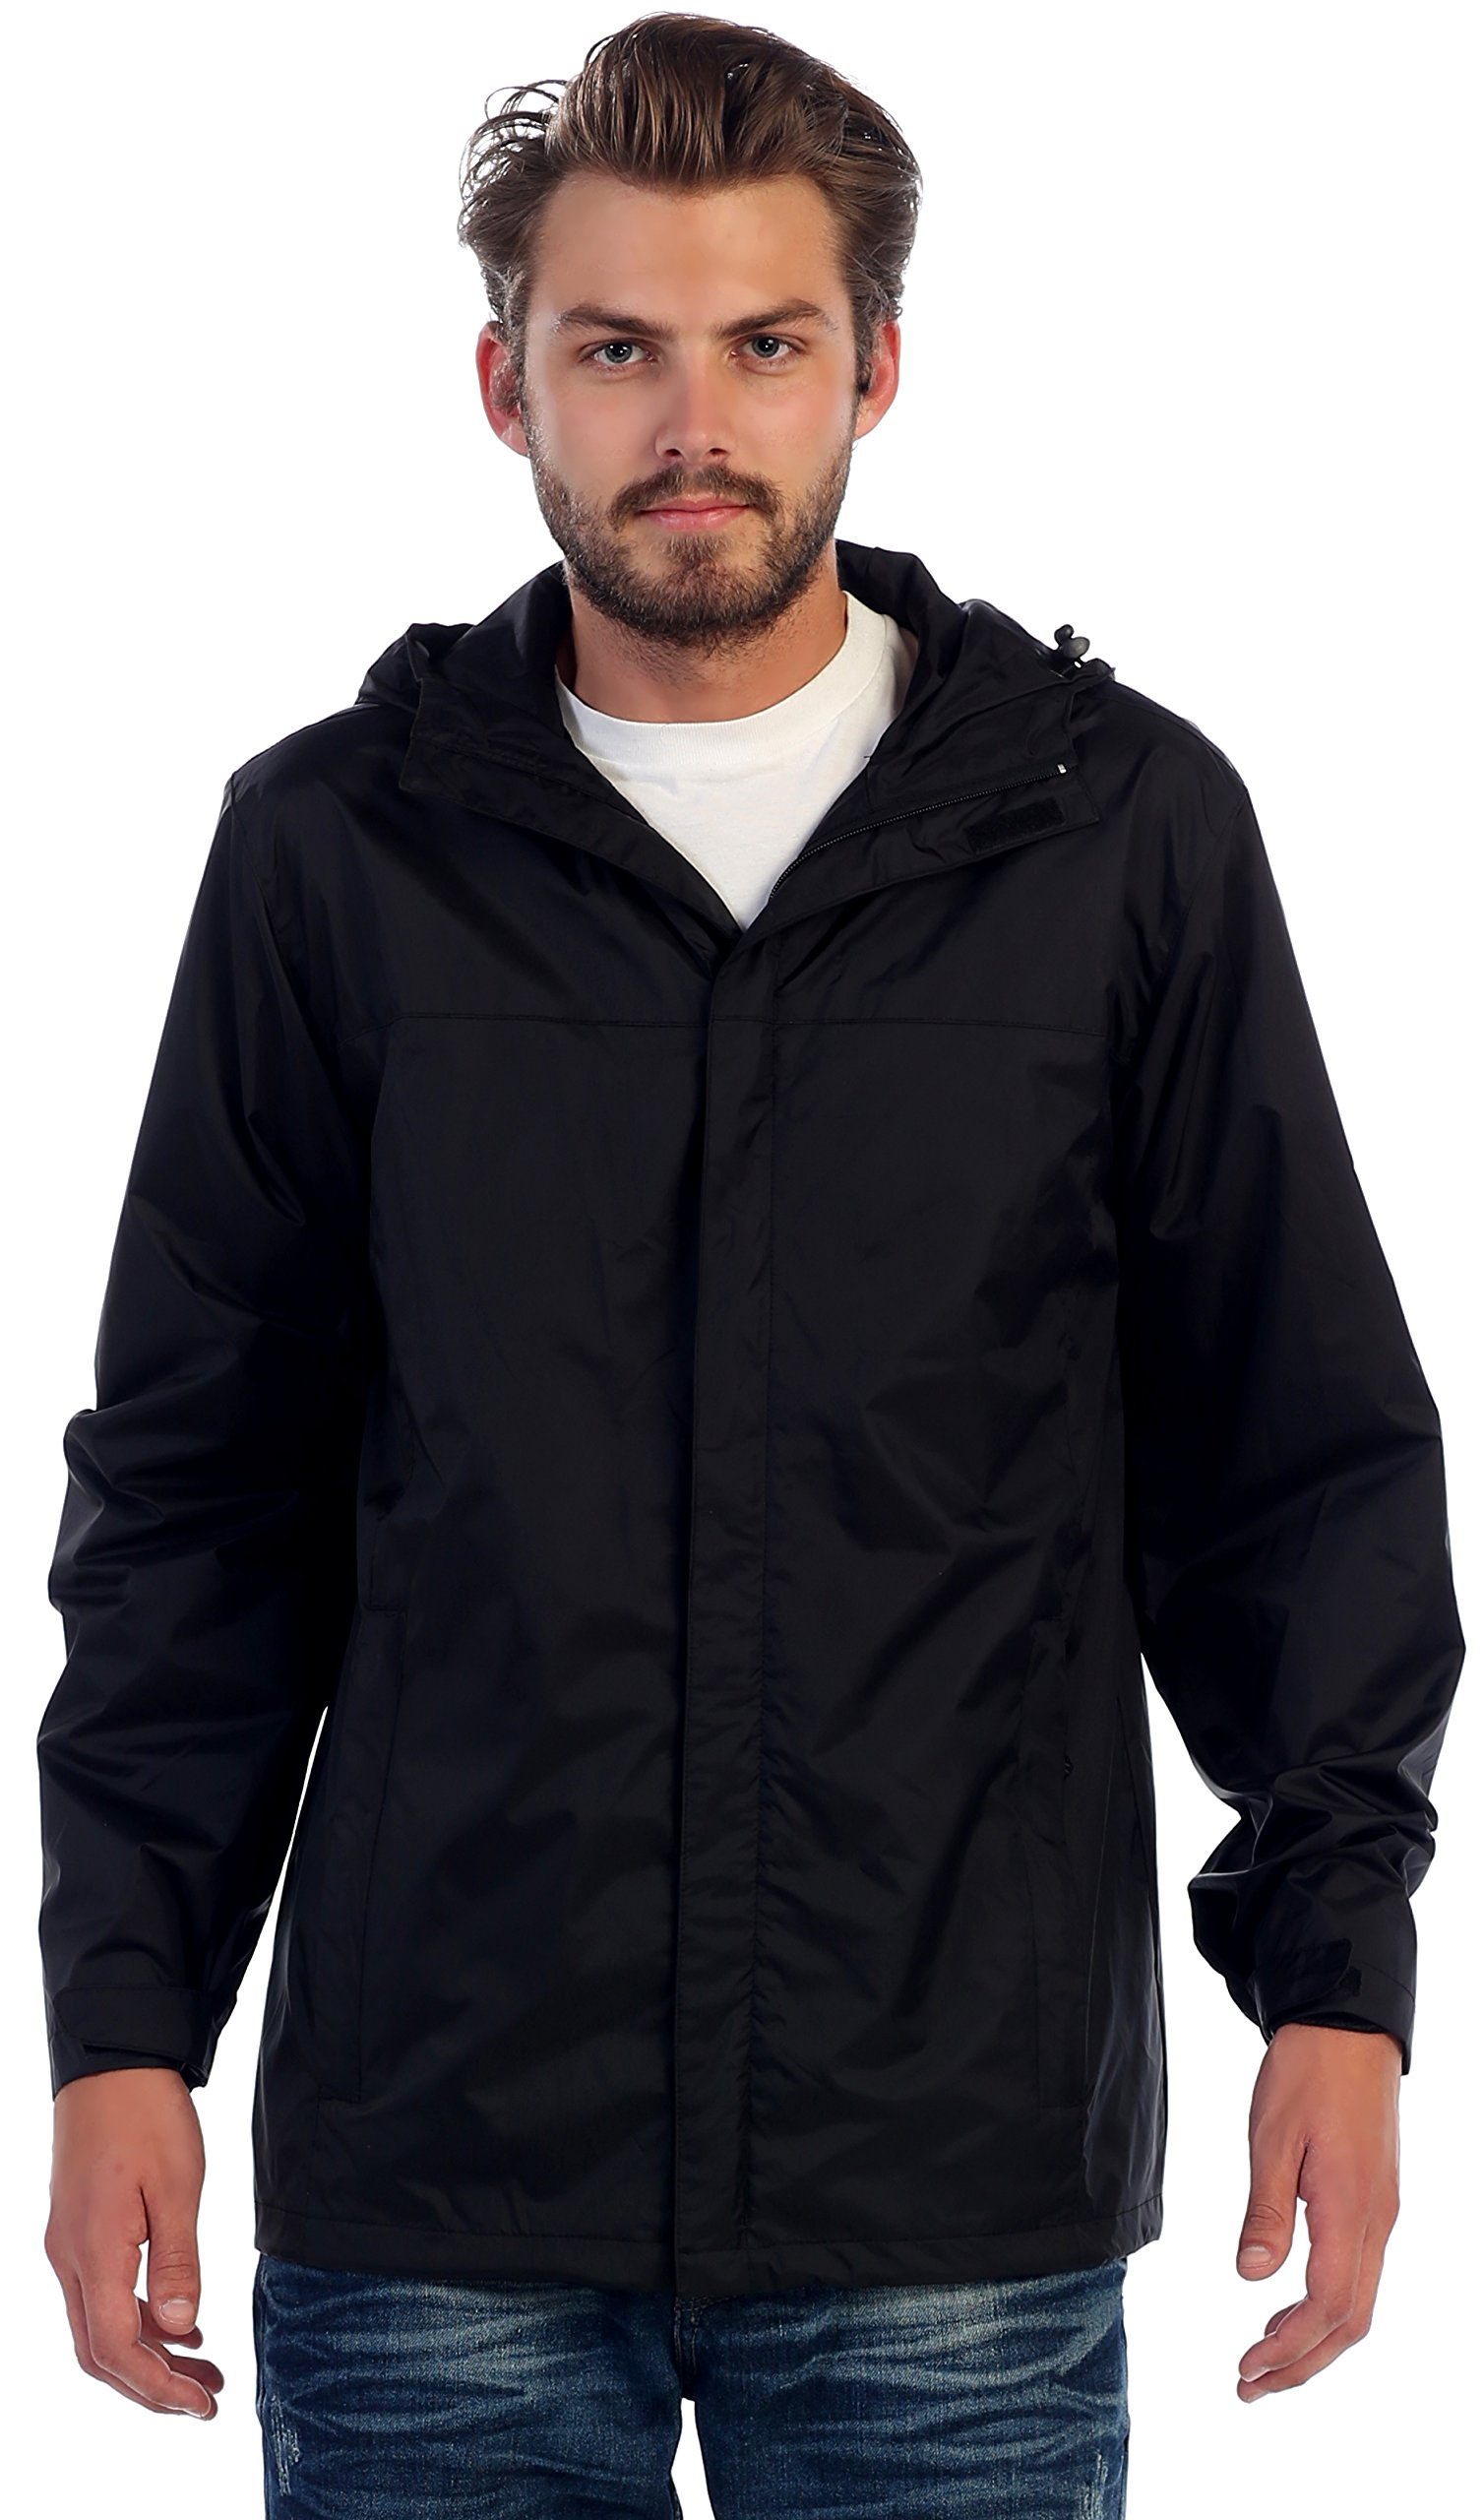 Gioberti Mens Waterproof Jacket Black